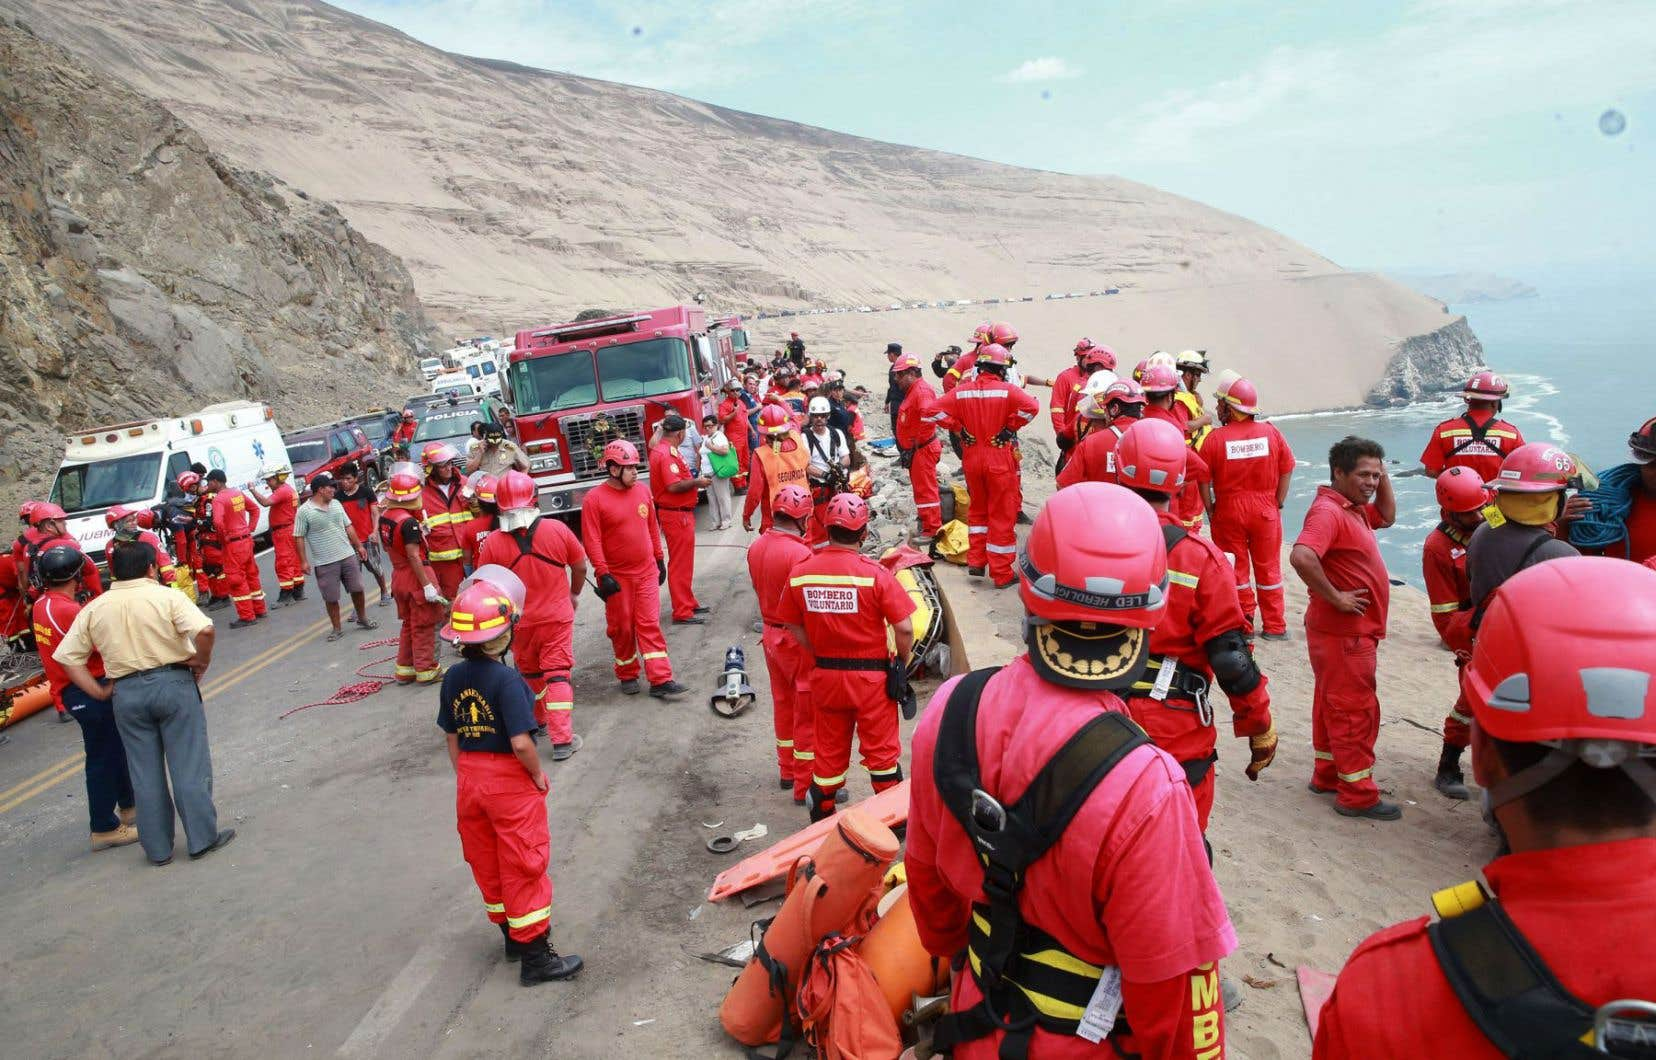 Les services d'urgence tentaient, mardi, de porter secours aux victimes et de les extraire du véhicule qui se trouve dans une zone difficile d'accès.